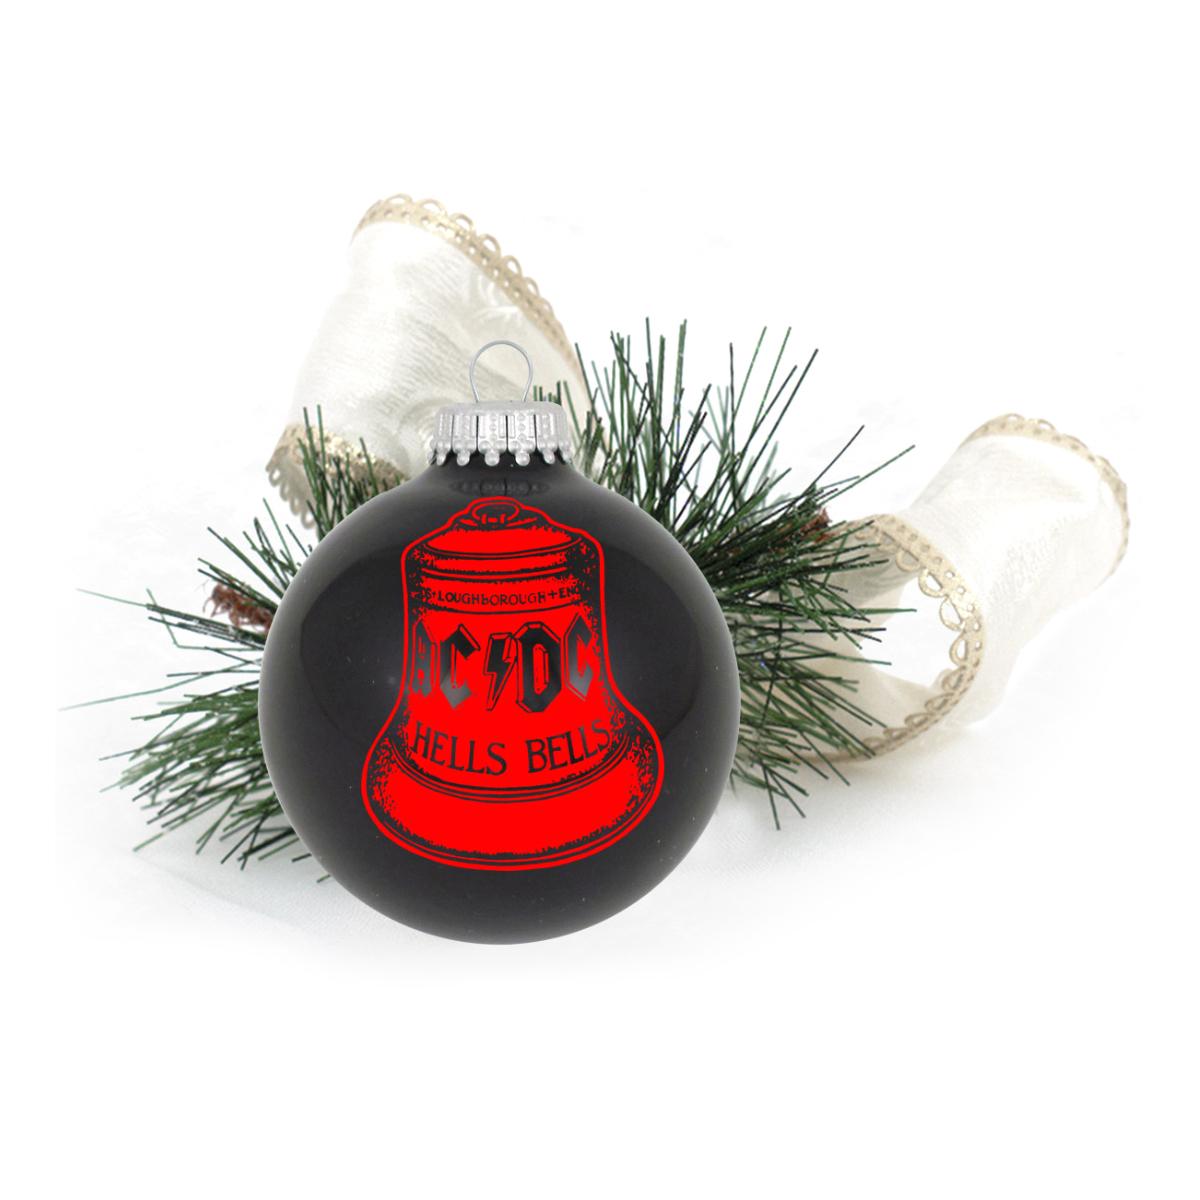 Hells Bells Ornament